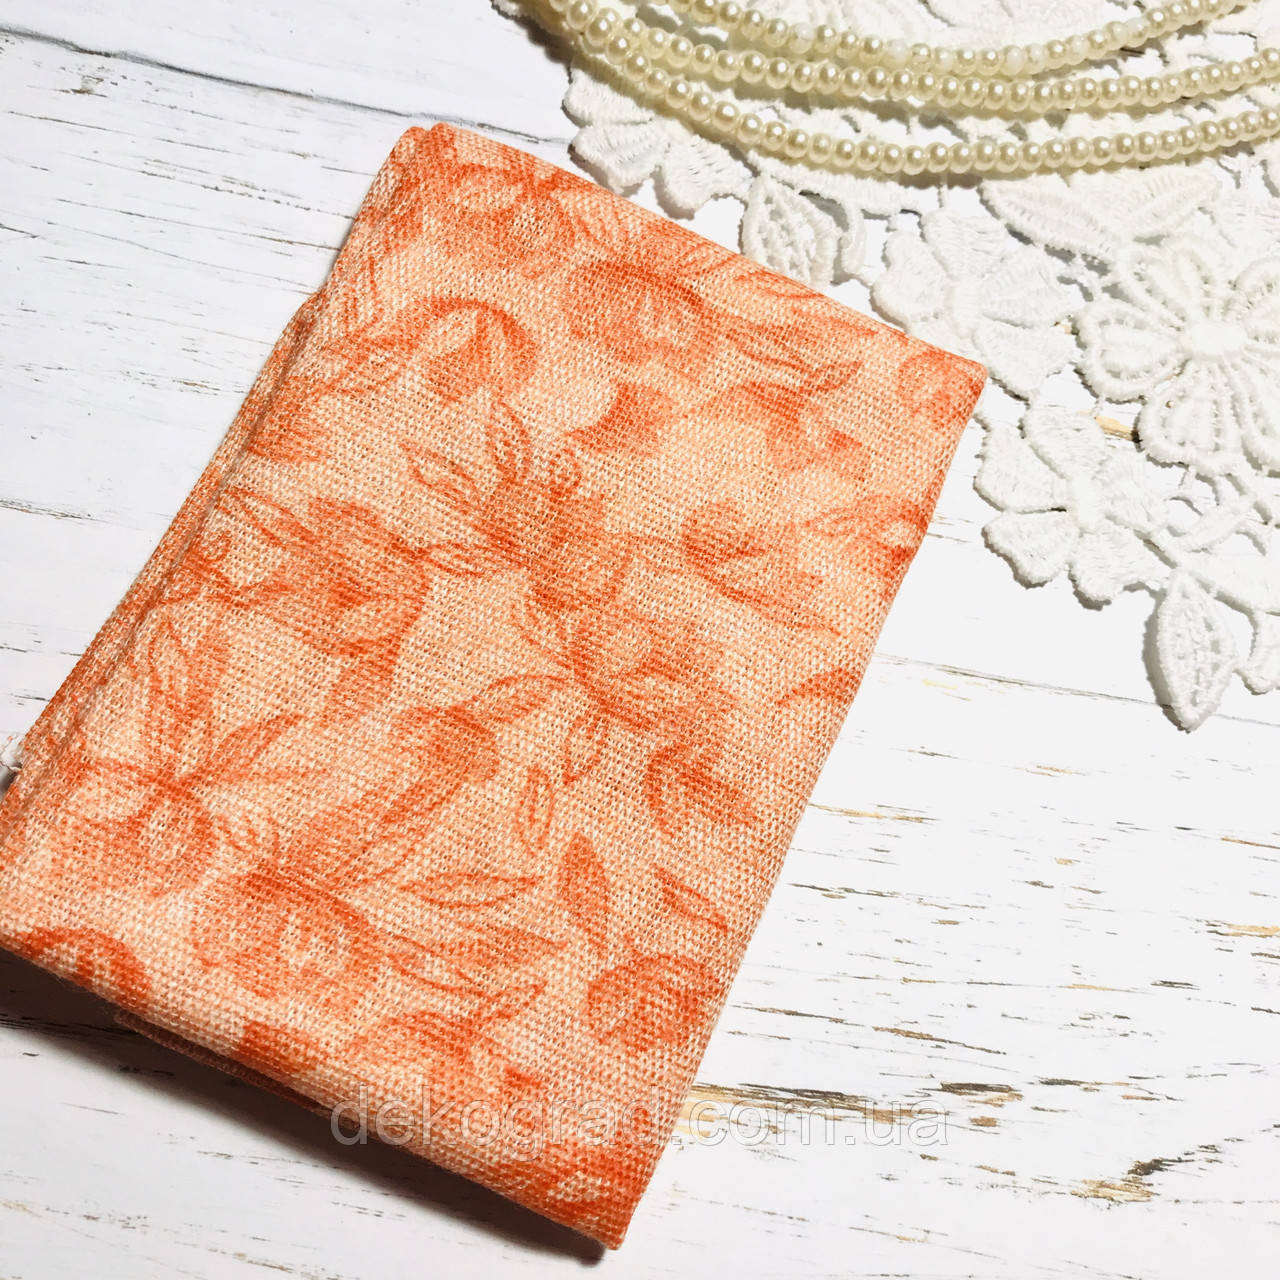 Ткань хлопок  45х55см Оранжевые цветы